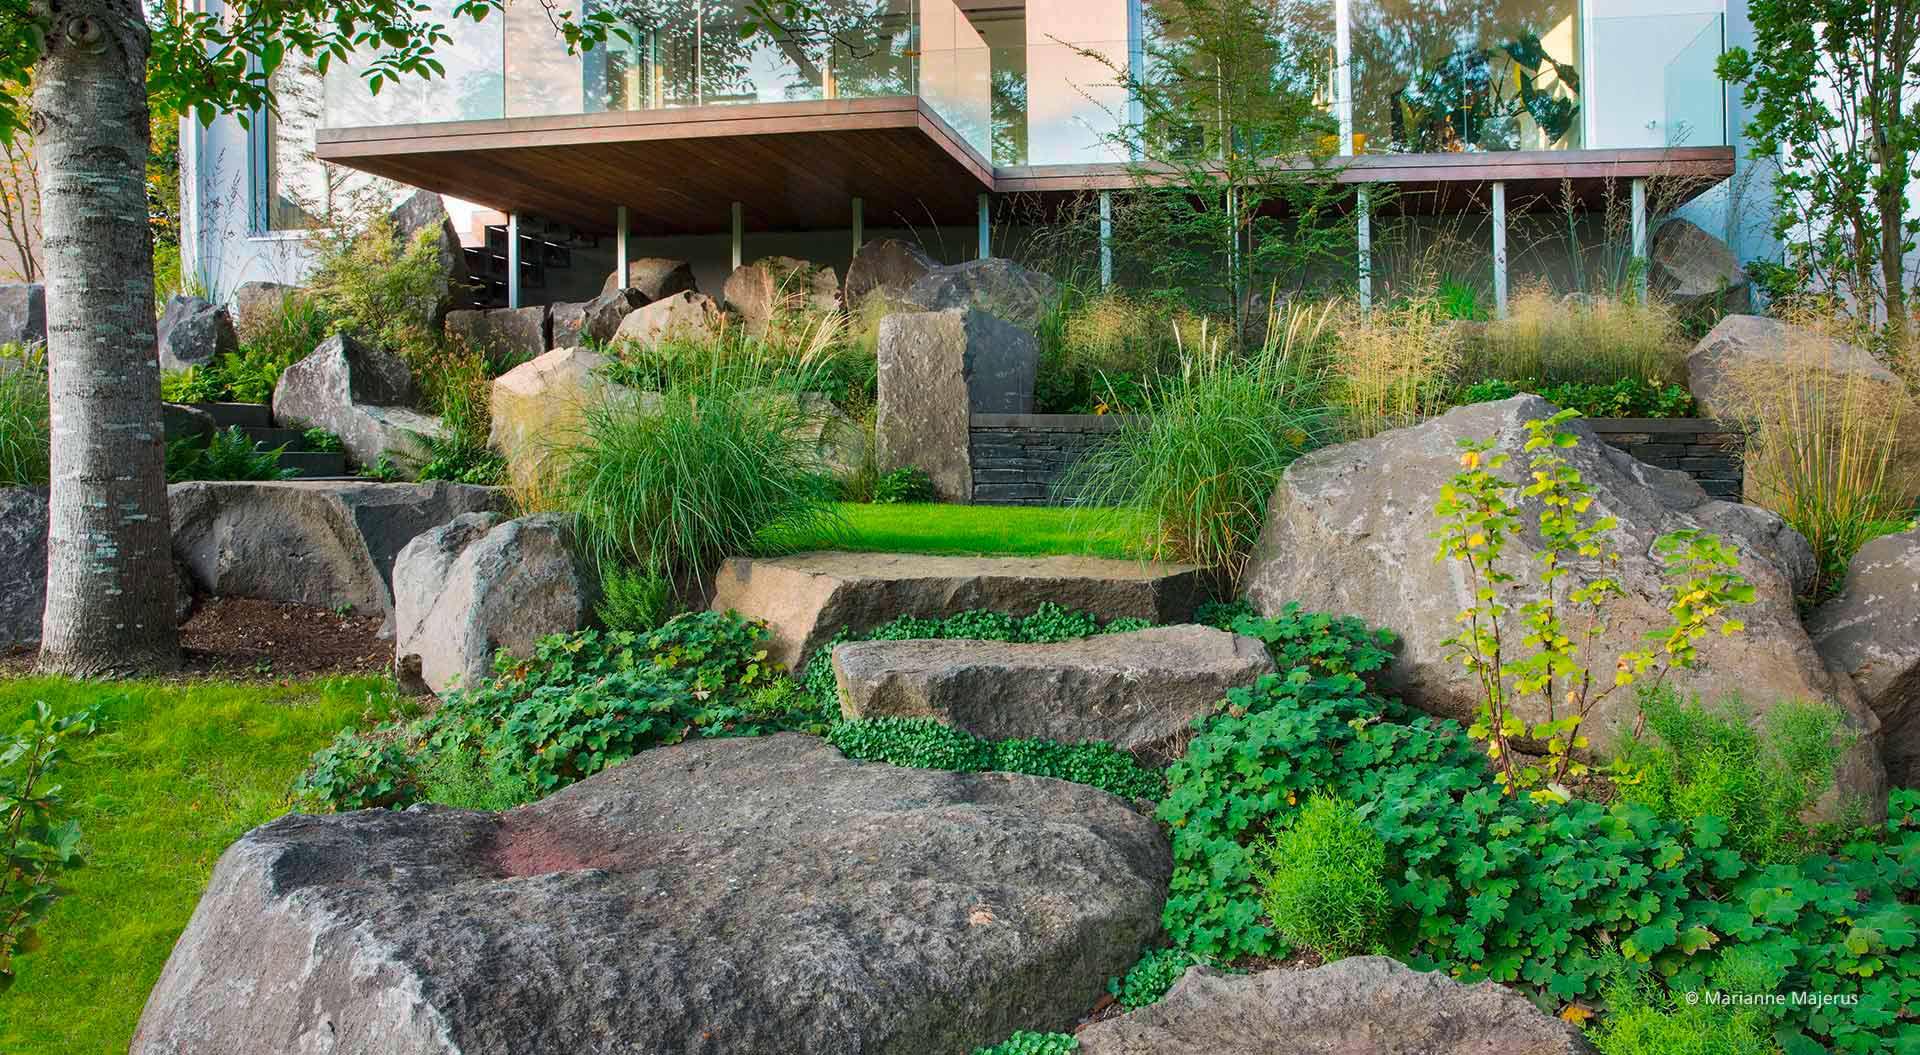 Steine und Pflanzen vor Stelzenbau-Balkon perfekt angepasst